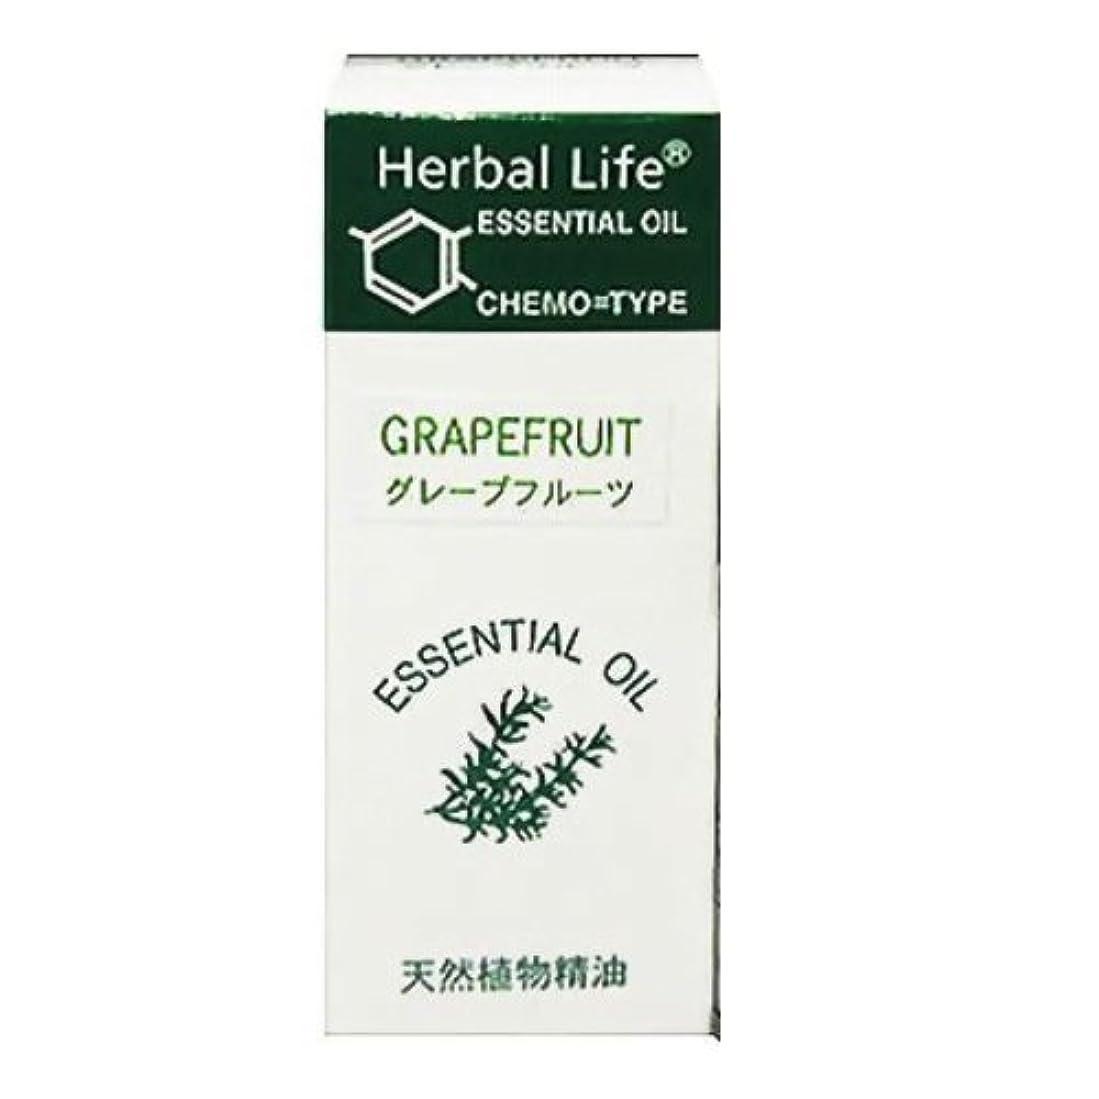 繊維グレートオークページ生活の木 エッセンシャルオイル グレープフルーツ 10ml